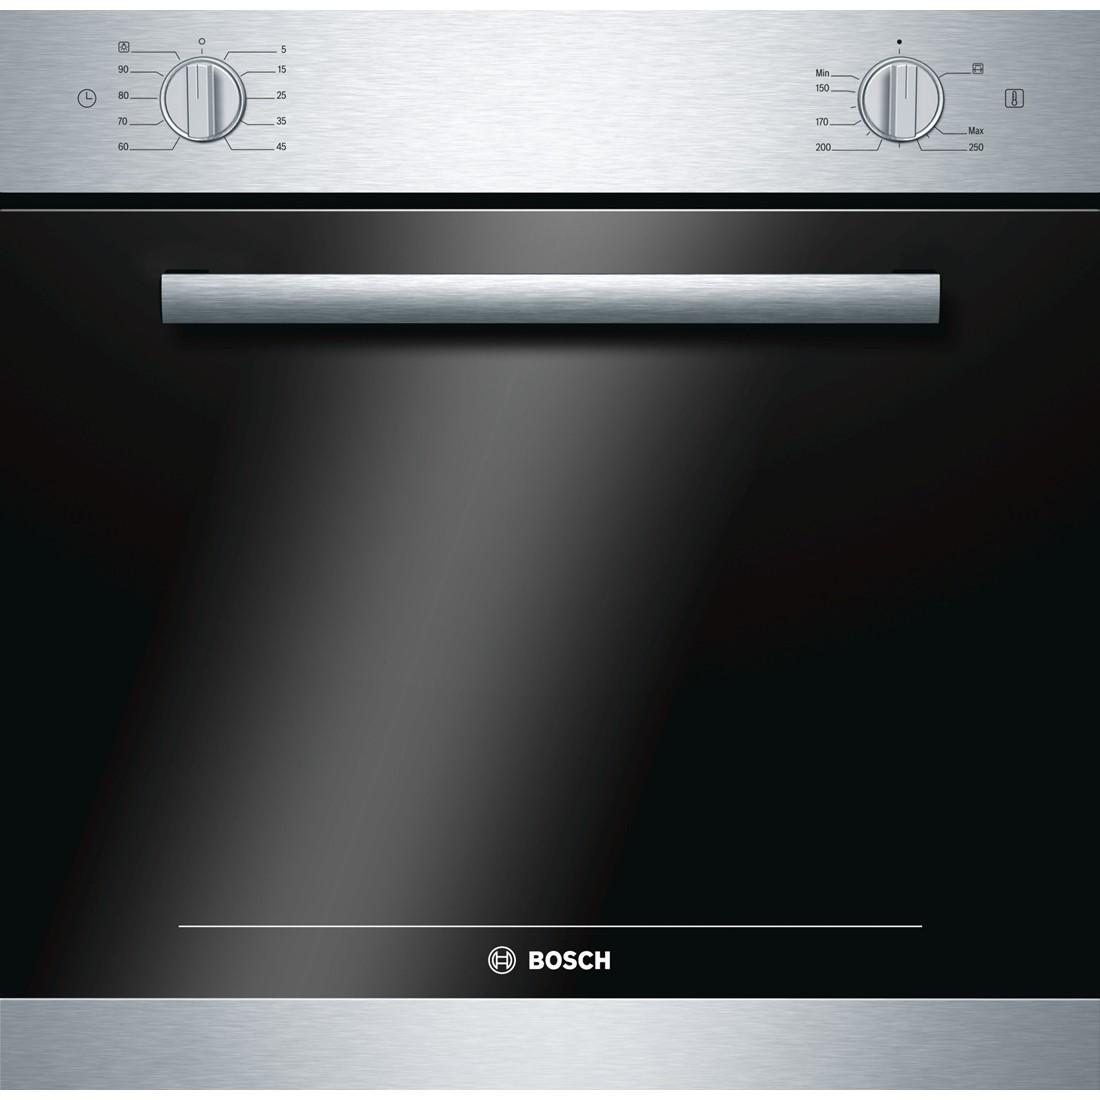 Газовый духовой шкаф Bosch HGN 10 G 050Встраиваемые газовые духовые шкафы<br><br><br>Артикул: HGN10G050<br>Бренд: Bosch<br>Высота упаковки (мм): 700<br>Длина упаковки (мм): 680<br>Ширина упаковки (мм): 640<br>Количество режимов работы: 4<br>Таймер: да<br>Подсветка: да<br>Гриль: да<br>Конвекция: нет<br>Защитное отключение: да<br>Установка: независимая<br>Гарантия производителя: да<br>Часы: электронные<br>Дисплей: нет<br>Вес упаковки (кг): 37,998<br>Цвет: нержавеющая сталь<br>Глубина(см): 55<br>Класс энергопотребления: A<br>Ширина (см): 59,7<br>Высота (см): 59,2<br>Переключатели: поворотные<br>Электроподжиг: да<br>Газ-контроль: да<br>Объем духовки(л): 60<br>Тип духовки: независимая<br>Дверца духовки: откидная<br>Тип гриля: газовый<br>Вертел: есть<br>Очистка духовки: гидролизная<br>Количество стекол дверцы духовки: 3<br>Размеры Ш*В*Г (мм): 597x588x550<br>Размеры ниши для встраивания Ш*В*Г (мм): 564x585x500<br>Ширина встраивания: 60 см